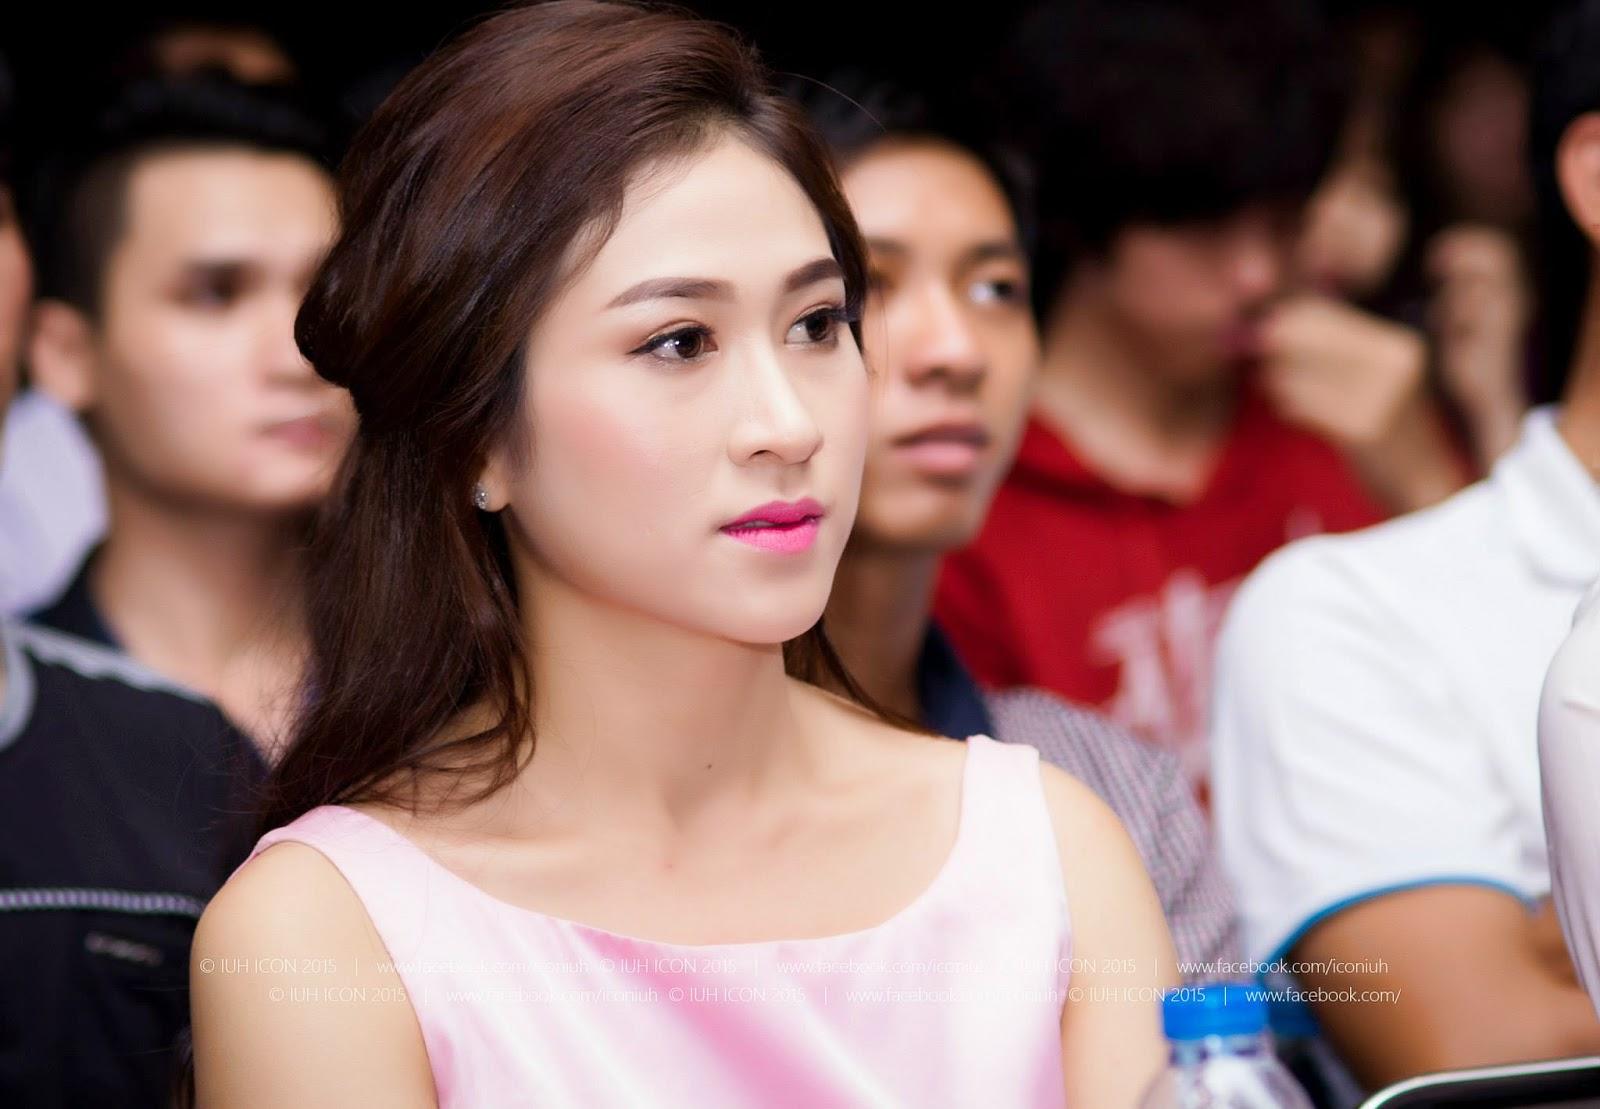 Miss ngôi sao Thùy Trang làm khách mời trao giải Nét đẹp sinh viên Công Nghiệp